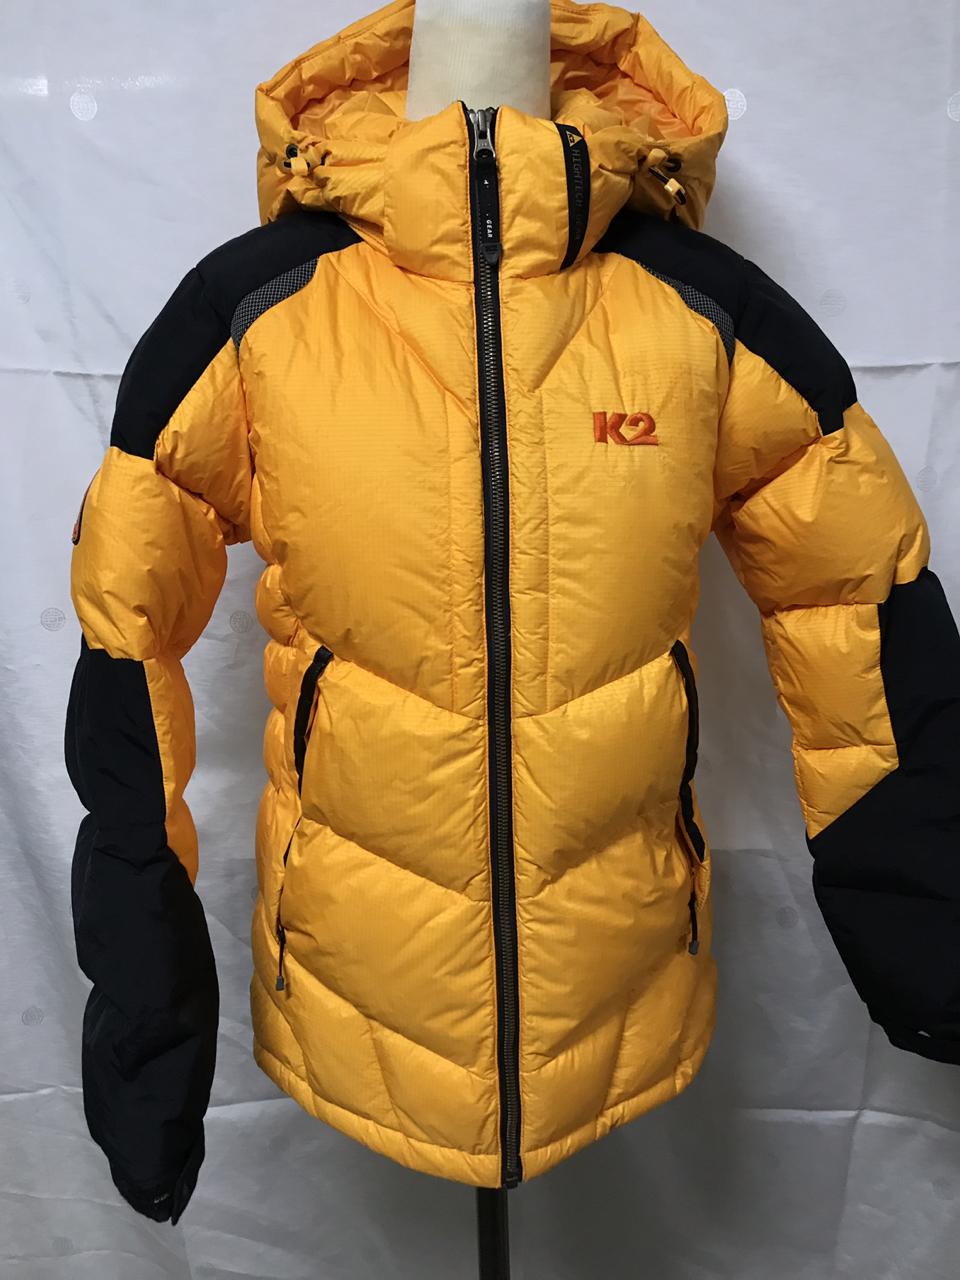 K2 프랑스오리털패딩, 빈폴백팩